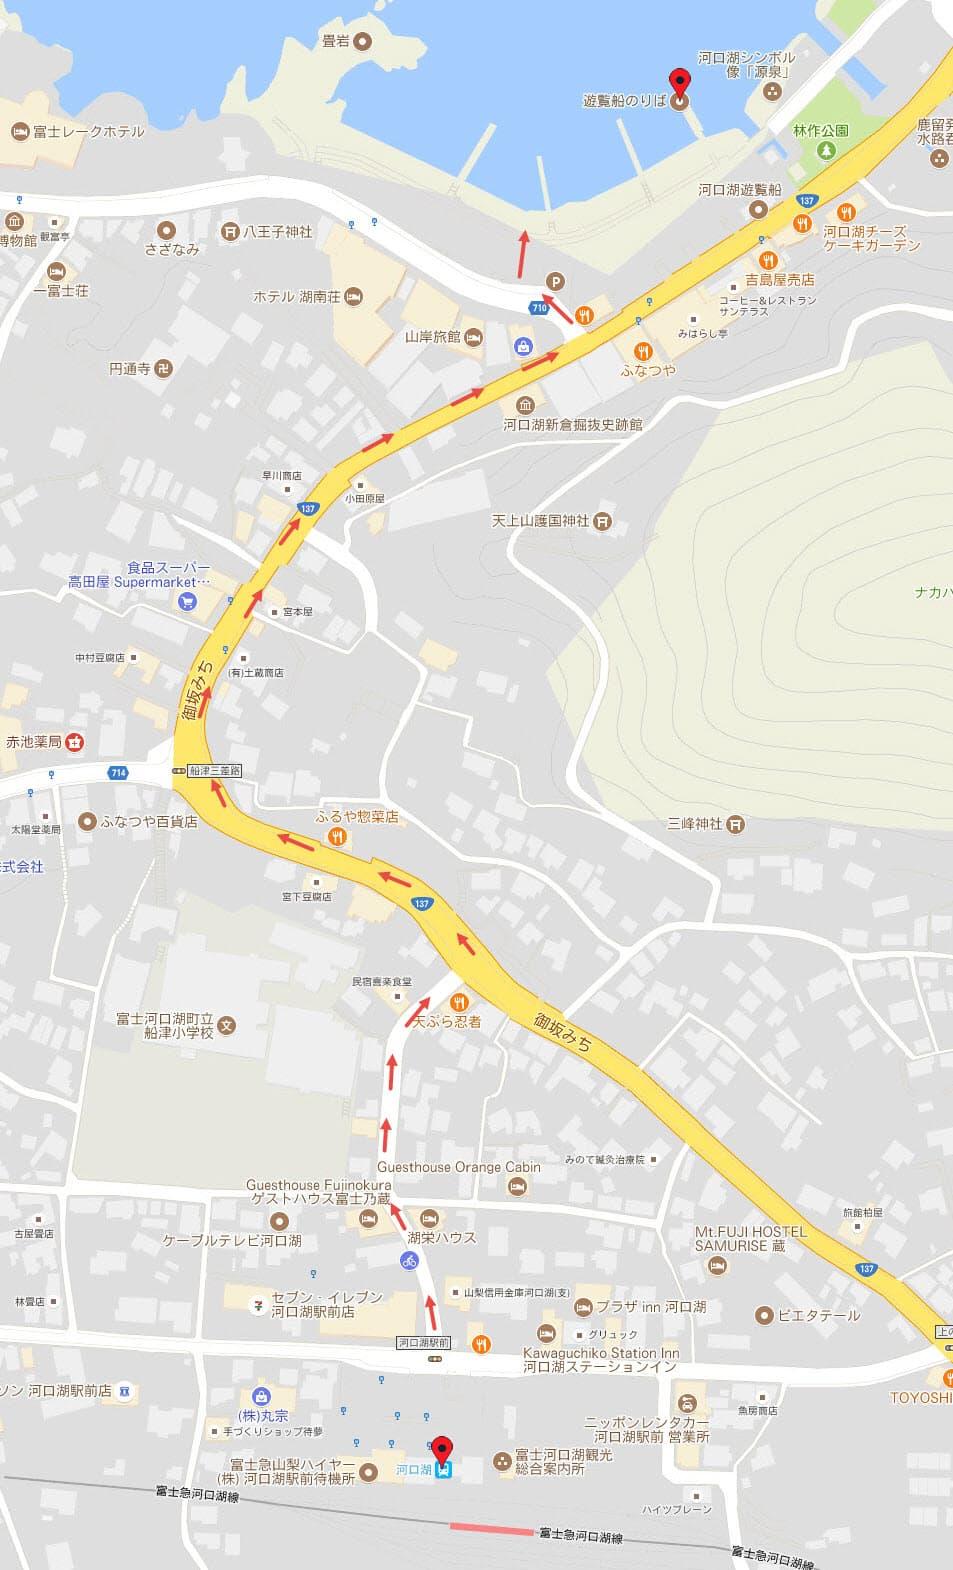 河口湖駅步行往河口湖路線地圖